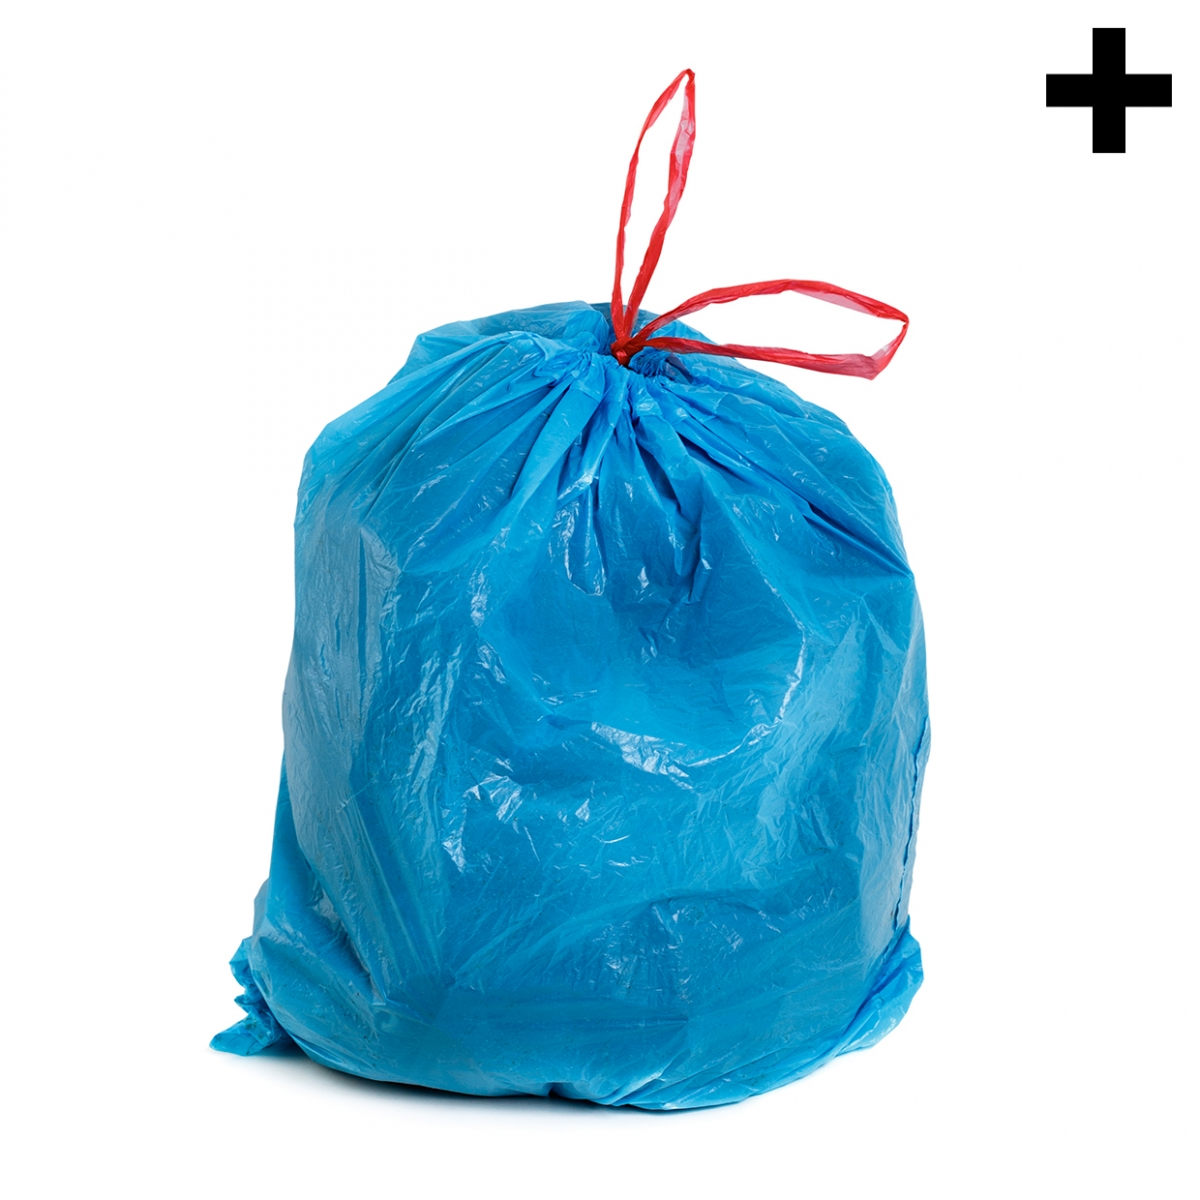 Imagen en la que se ve el plural del concepto bolsa de basura